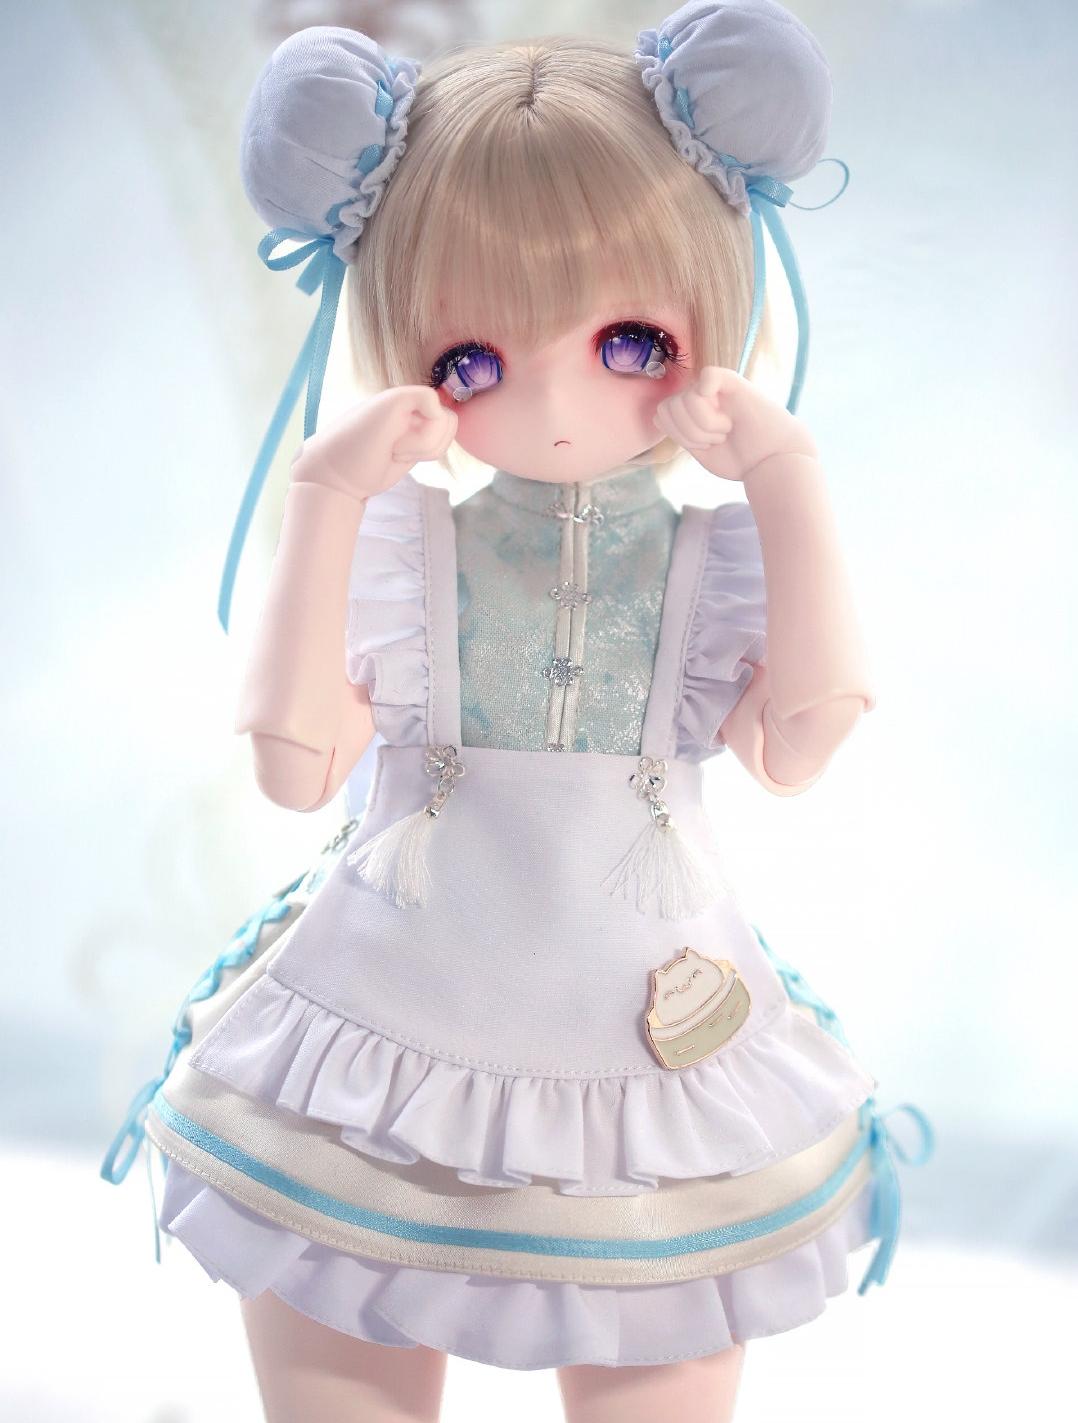 Rabbit-Doudou_3.jpg